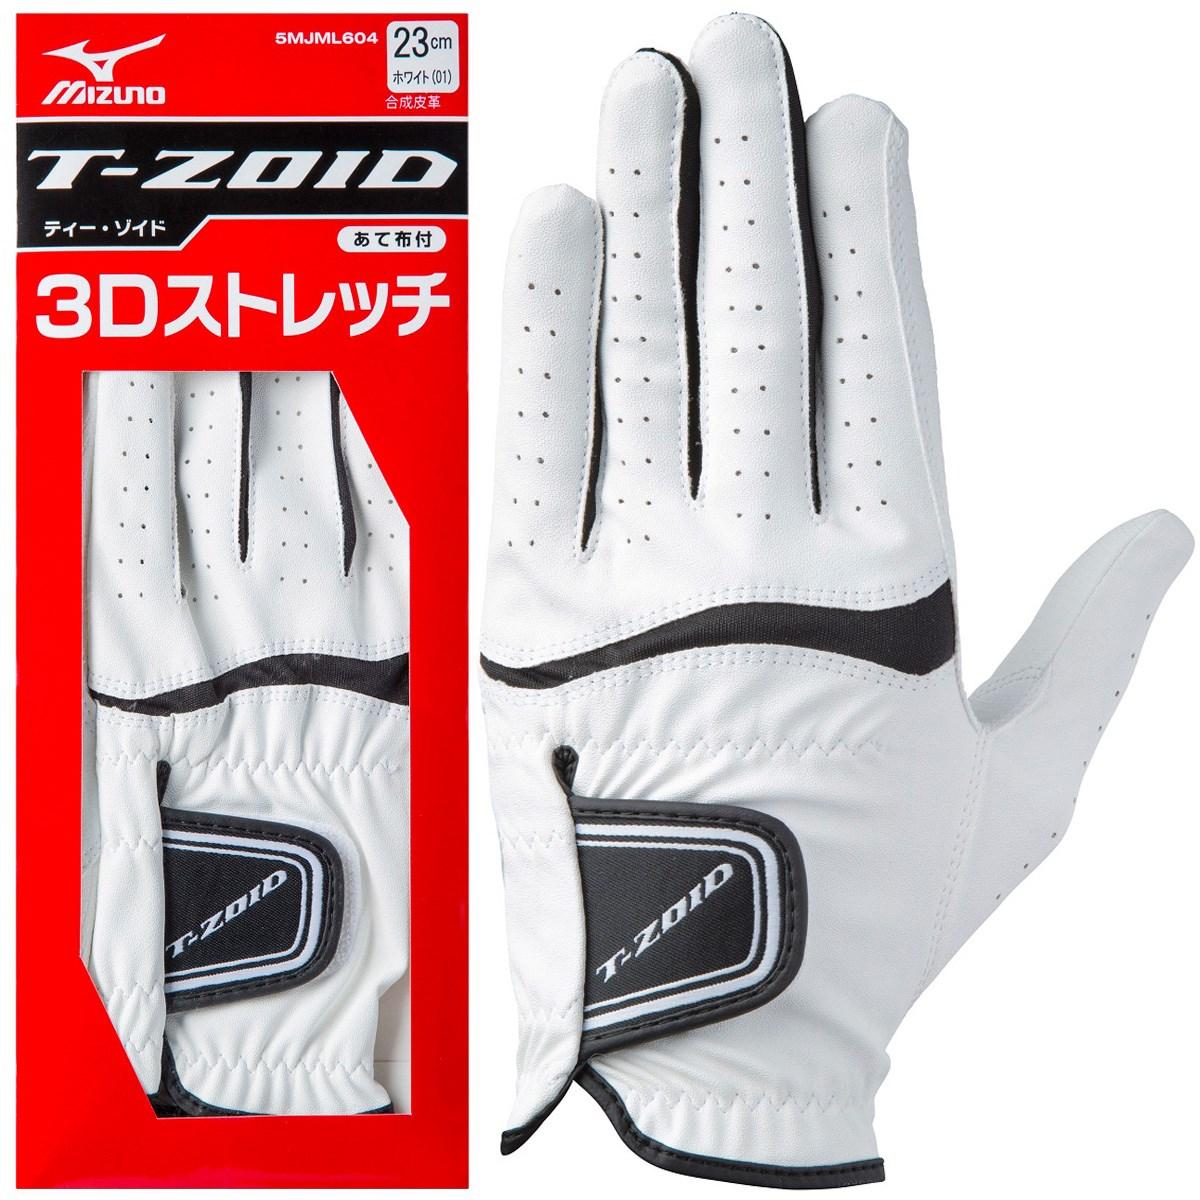 ミズノ T-ZOID グローブ 5枚セット 24cm 左手着用(右利き用) ホワイト